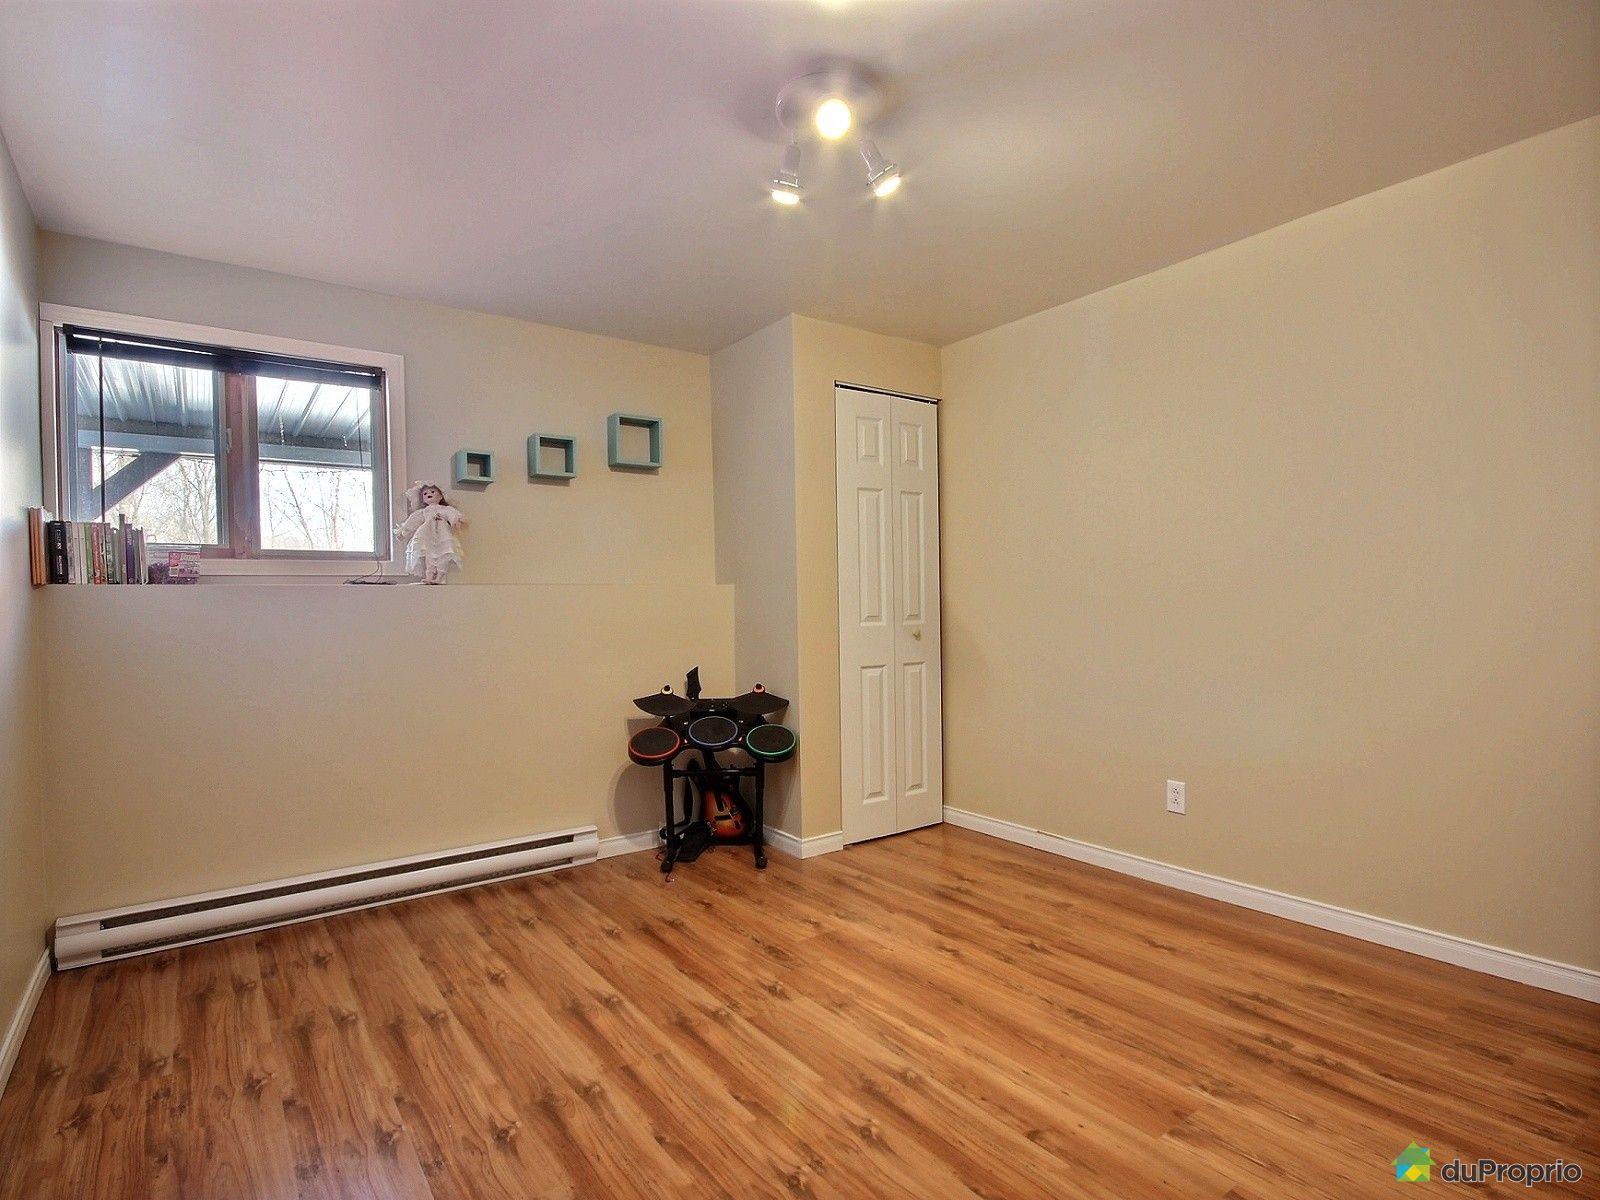 Maison vendre cantley 54 rue laviolette immobilier for Chambre sans fenetre loi quebec